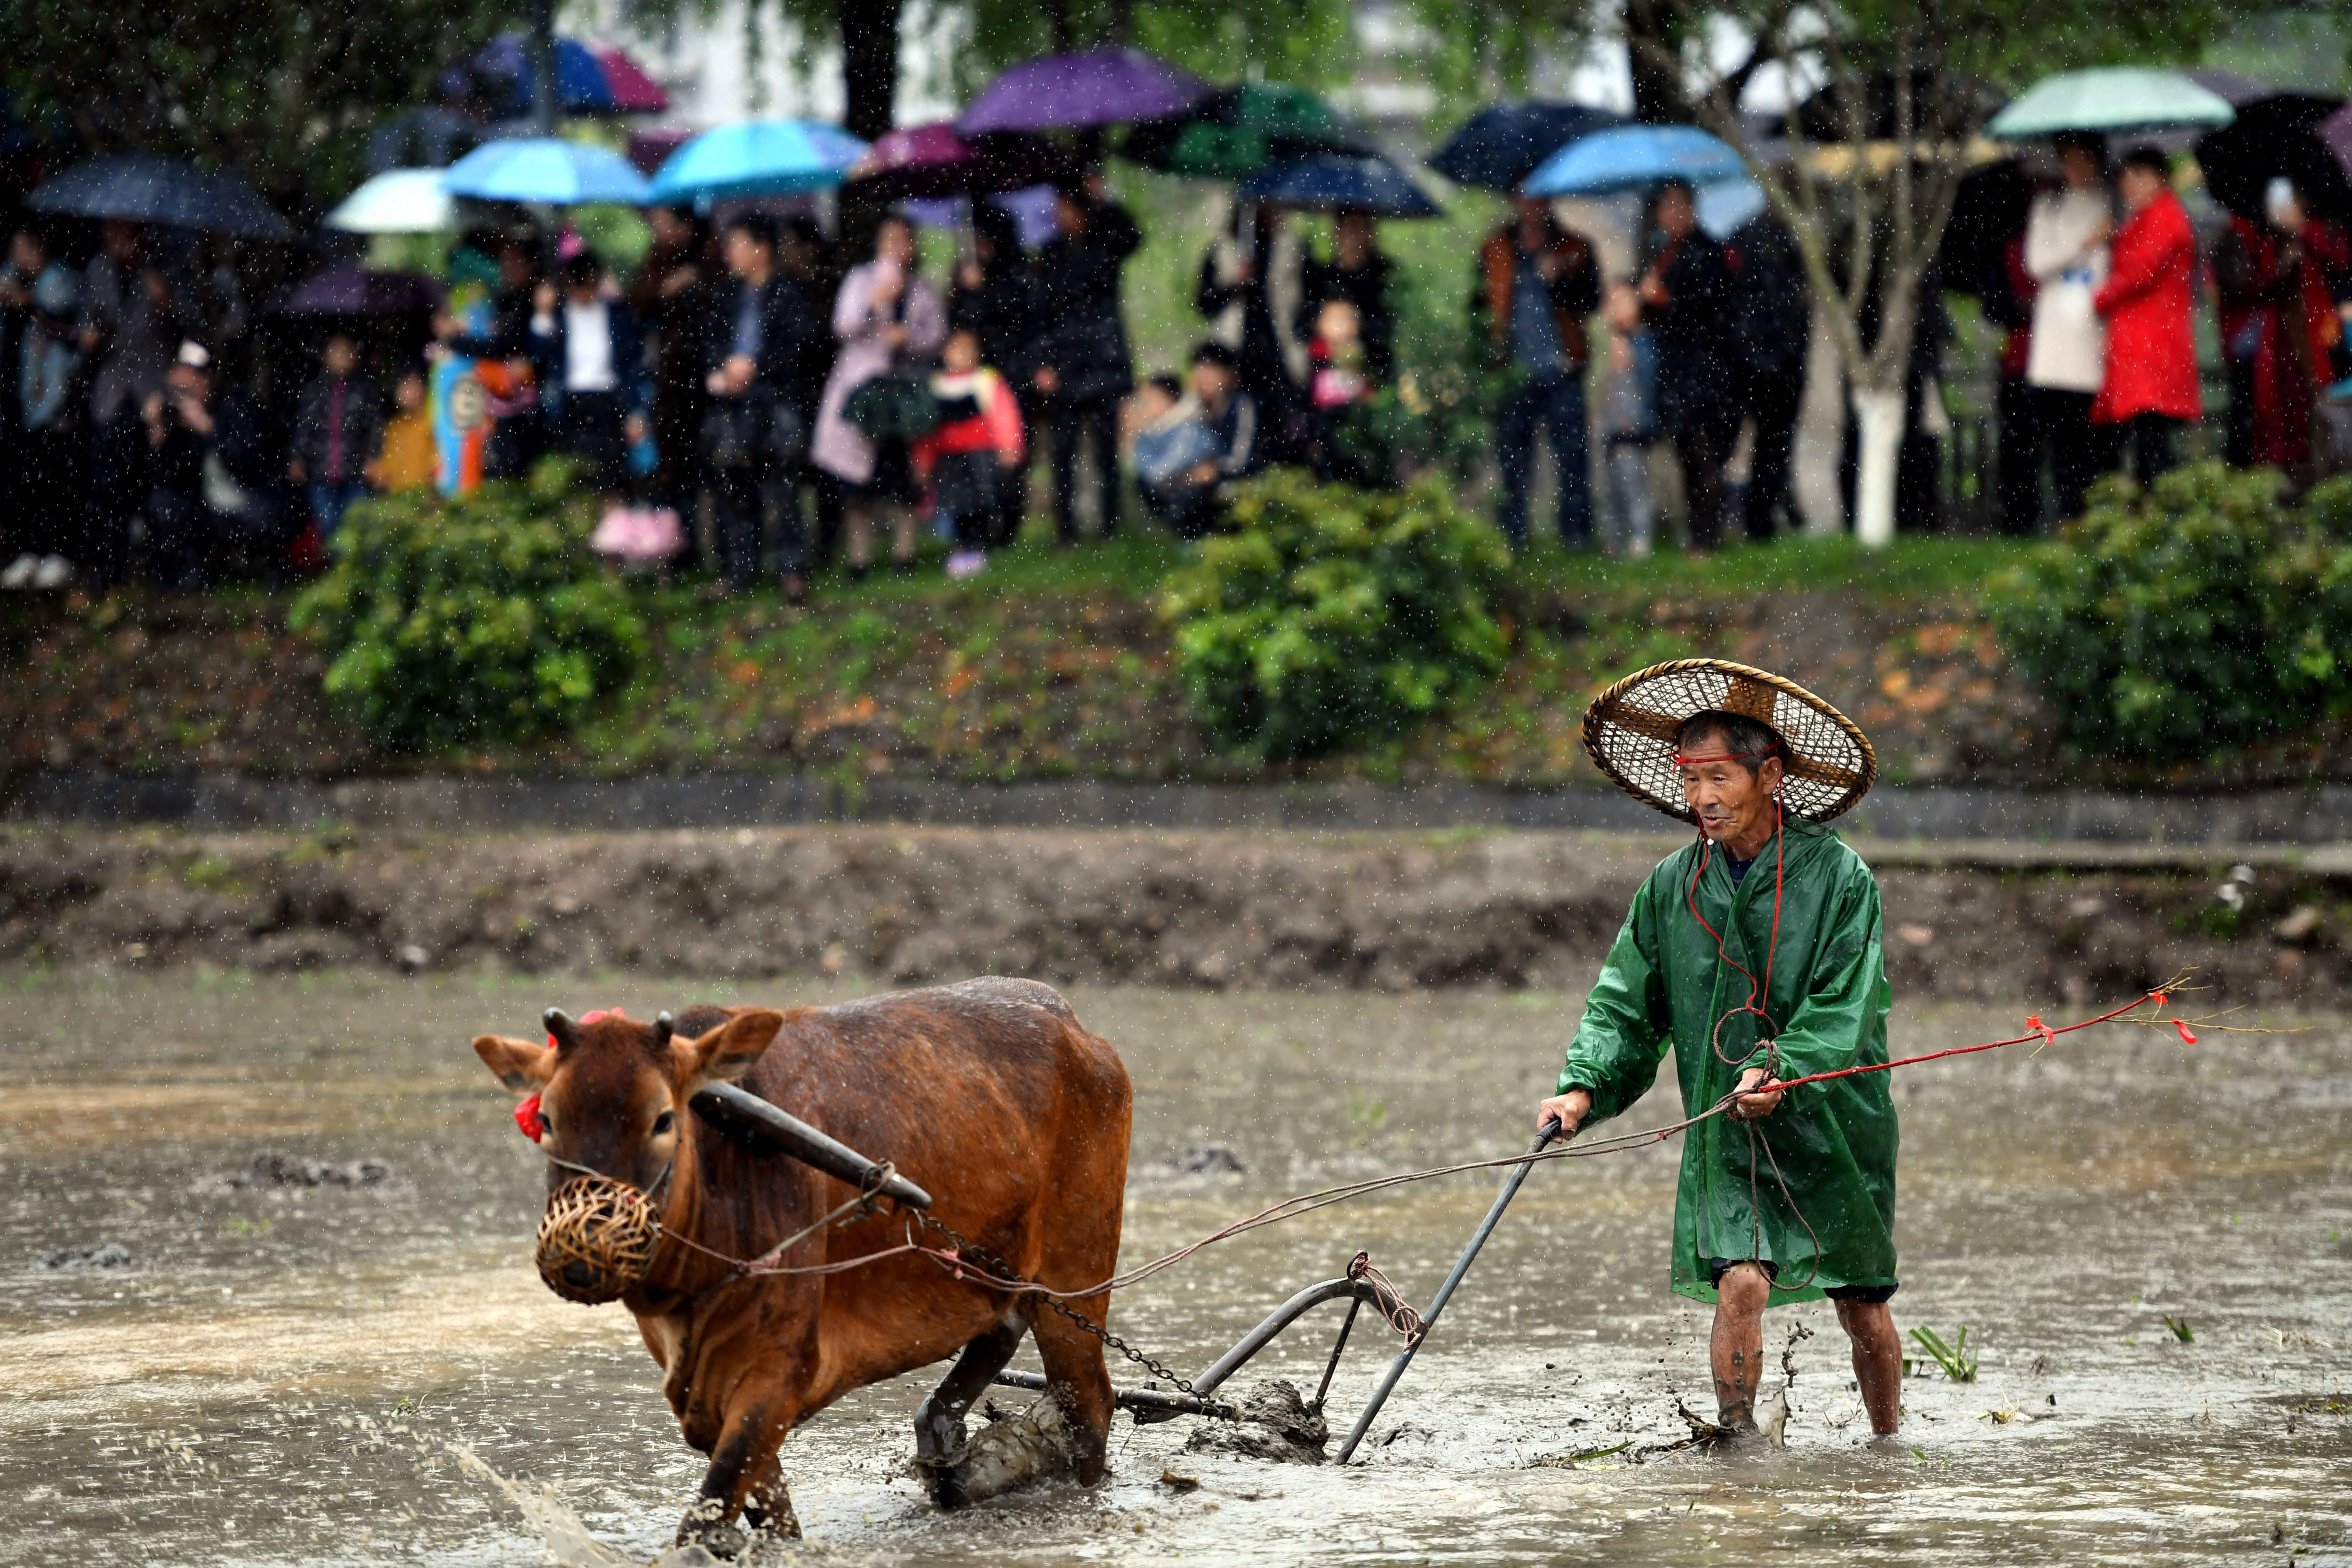 闽西连城:客家春耕节传承农耕文化